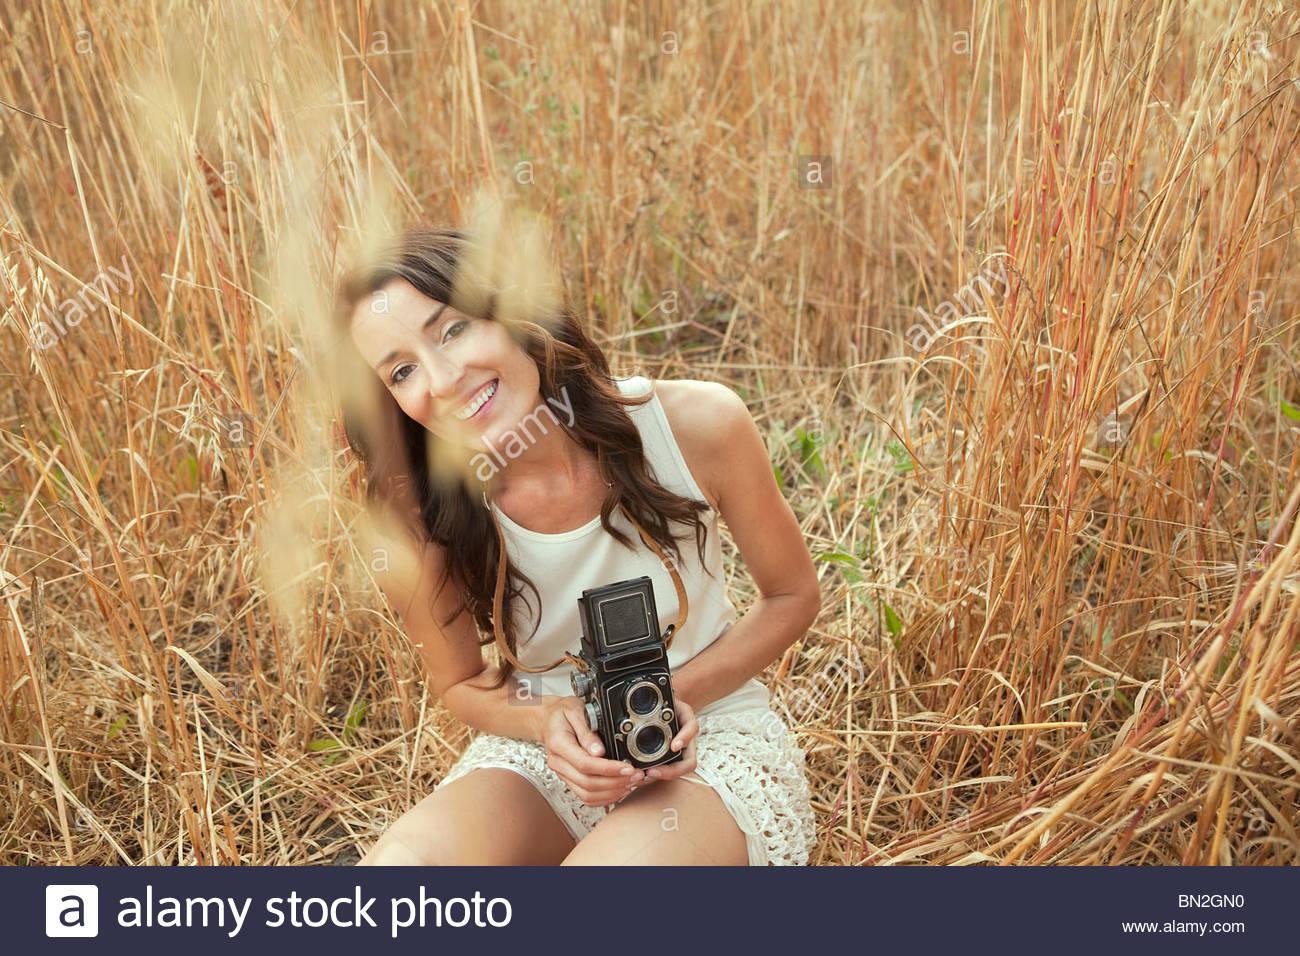 Femme en tenue sur le terrain de l'appareil photo à l'ancienne Photo Stock